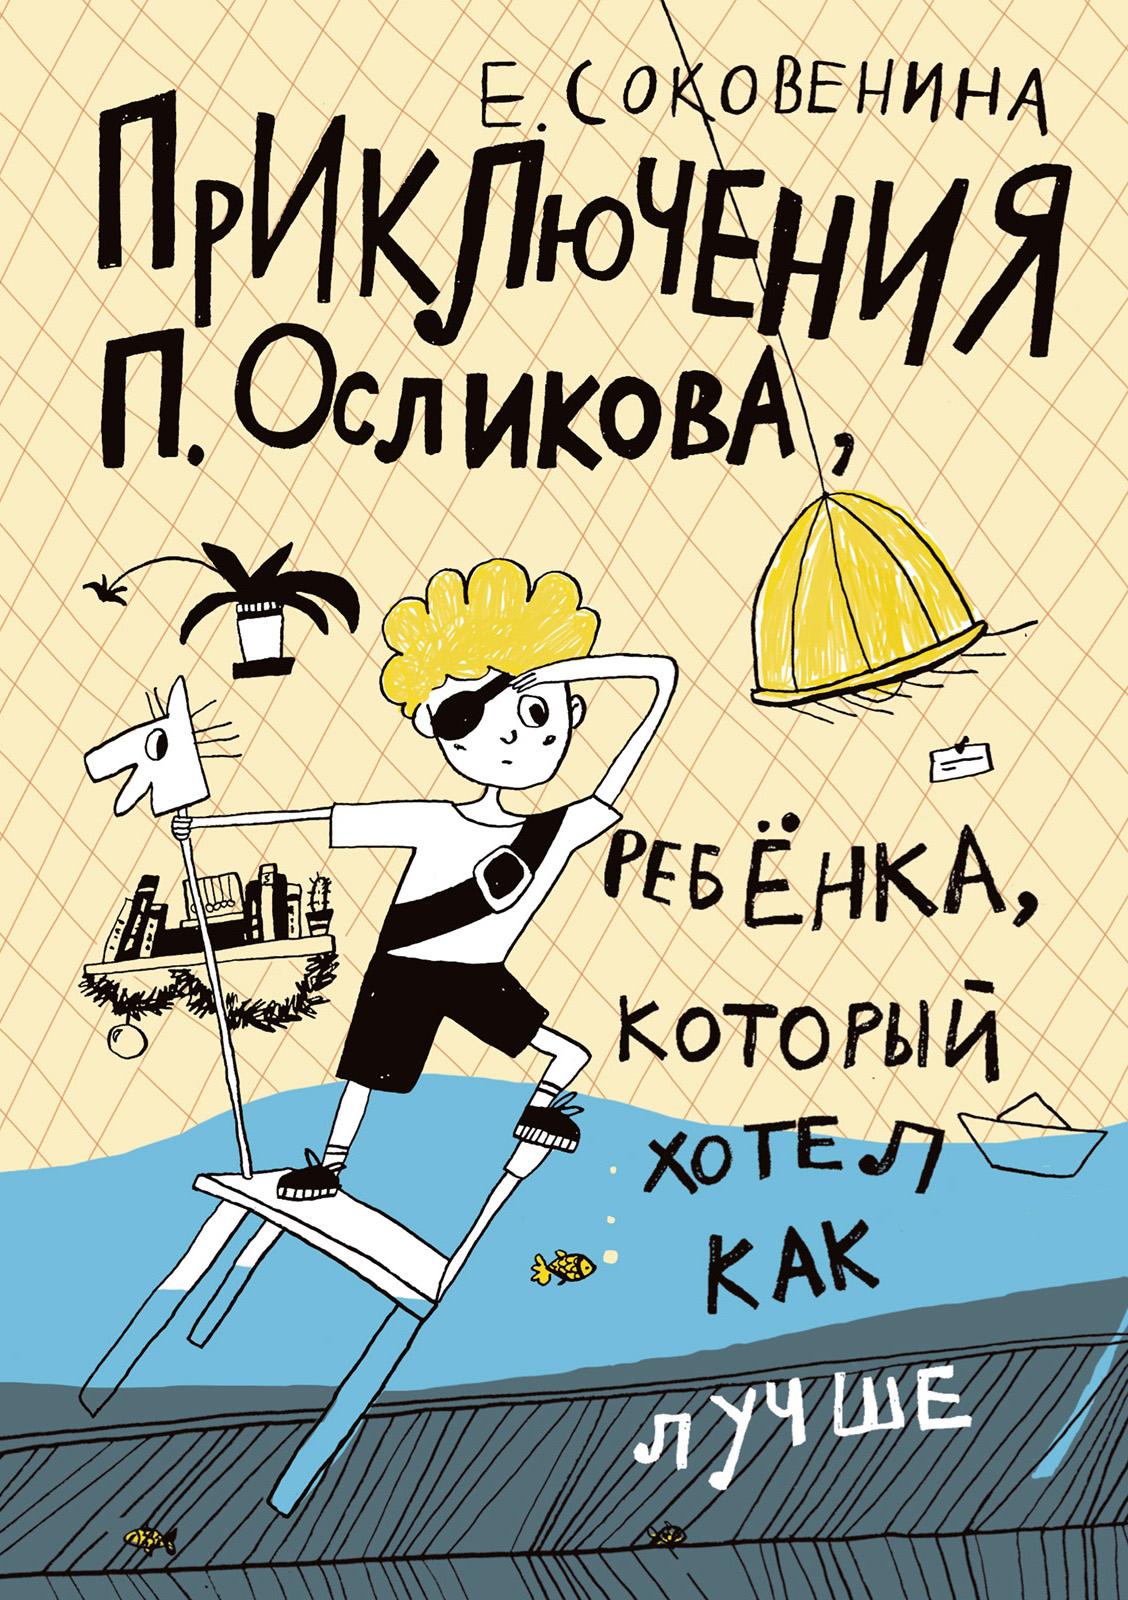 Елена Соковенина Приключения П. Осликова, ребёнка, который хотел как лучше соковенина е п осликов продолжает хотеть как лучше